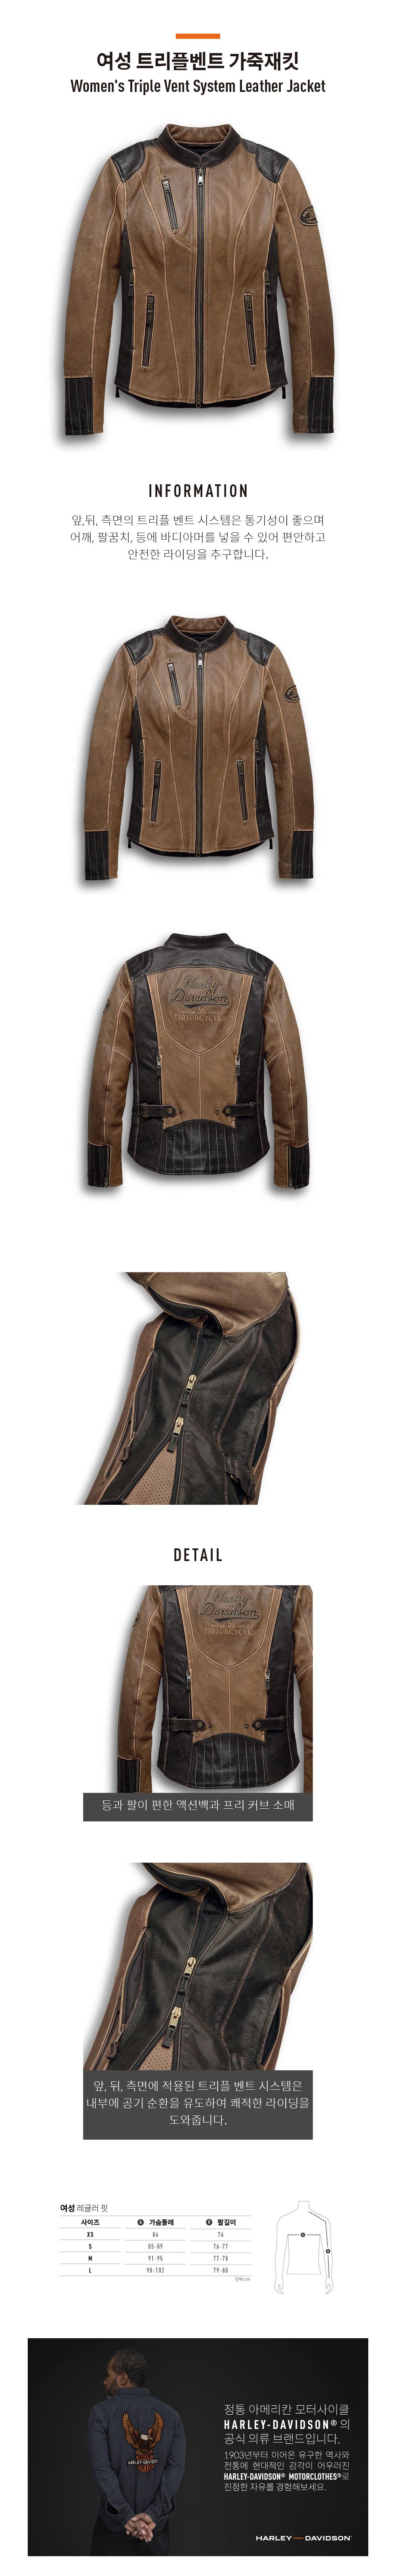 여성 트리플벤트 가죽재킷